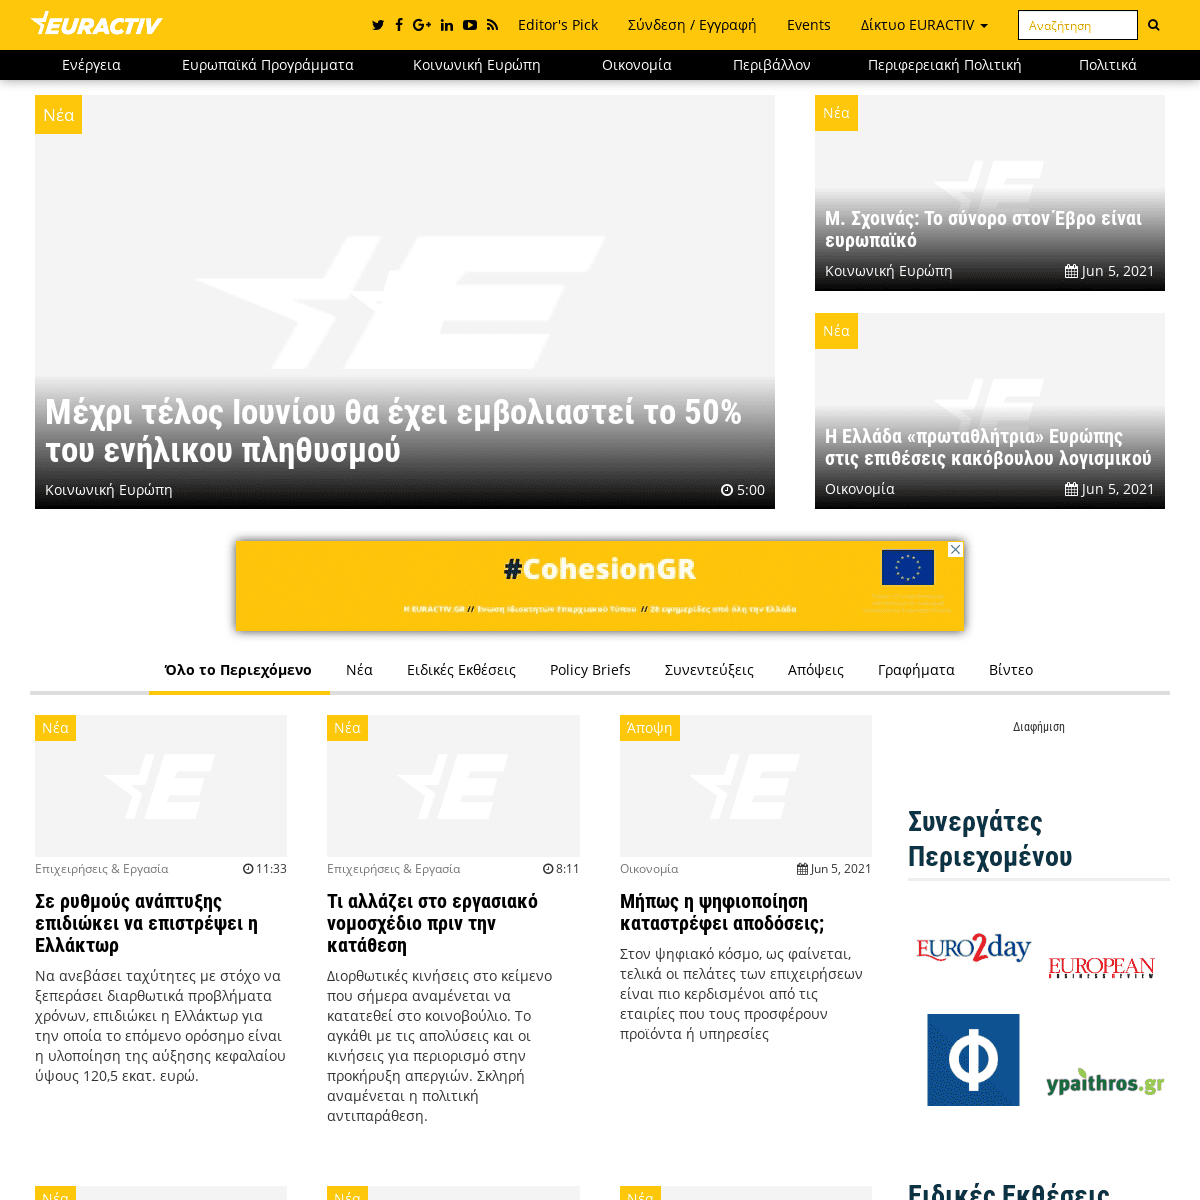 EurActiv.gr – Ιστοχώρος Πληροφόρησης για την Ευρωπαϊκή Ένωση